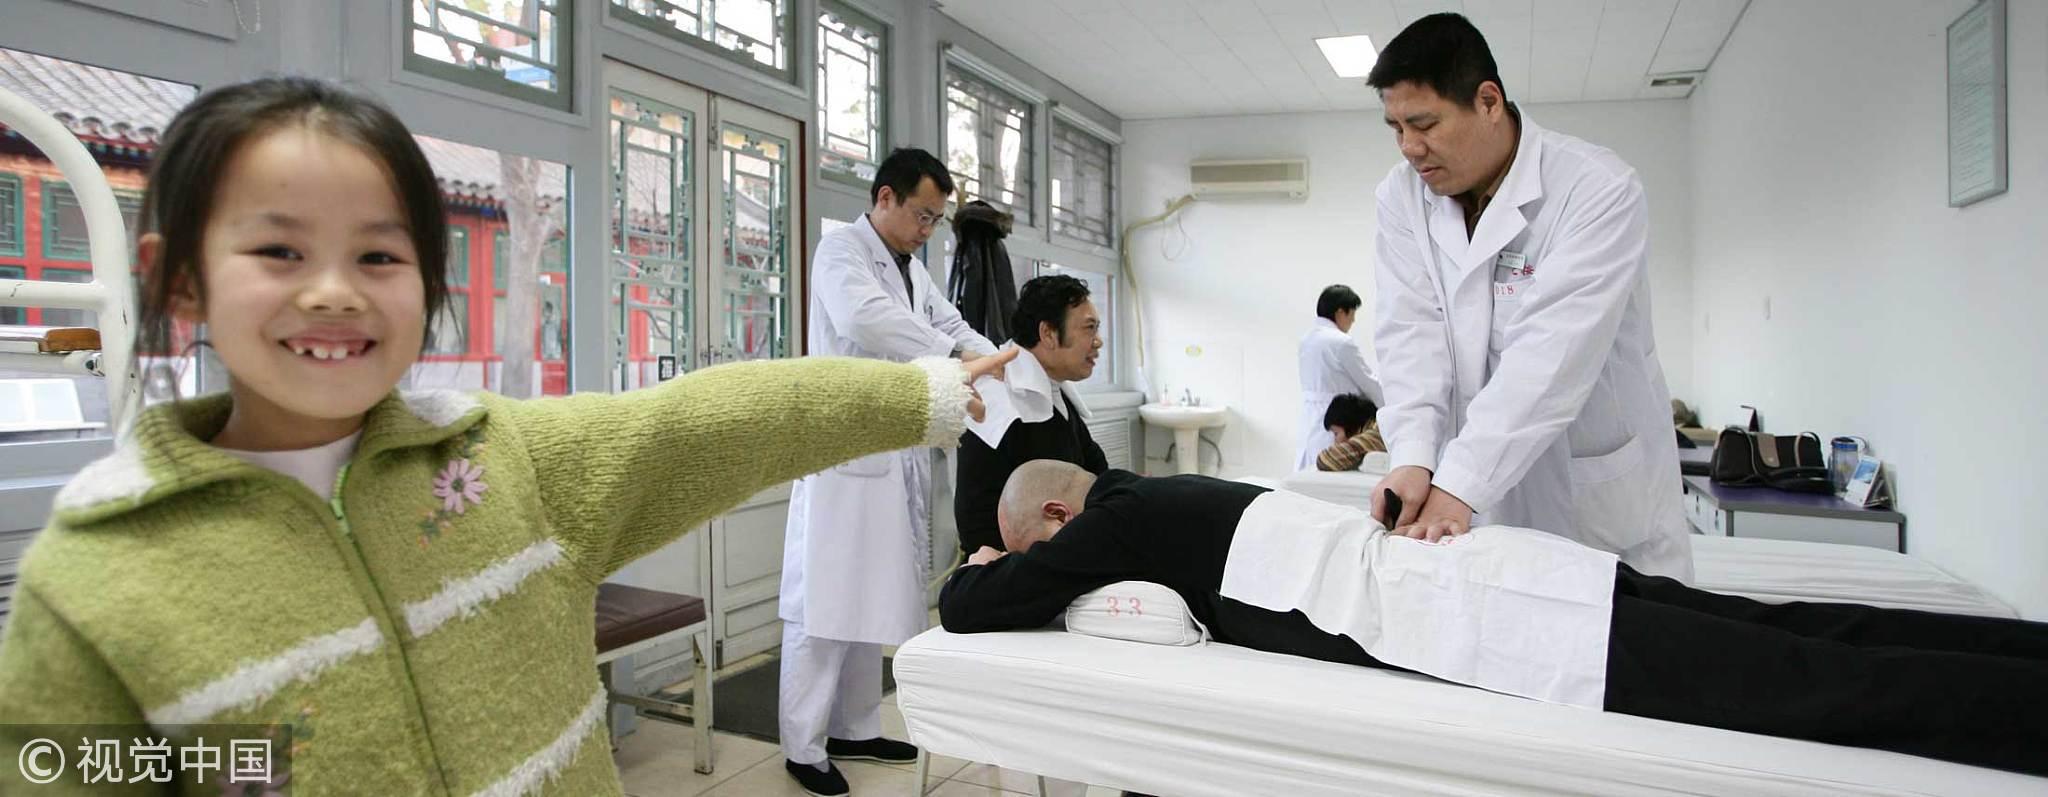 2005年12月1日,北京按摩医院,小姑娘的盲人爸爸正在为人按摩。/视觉中国